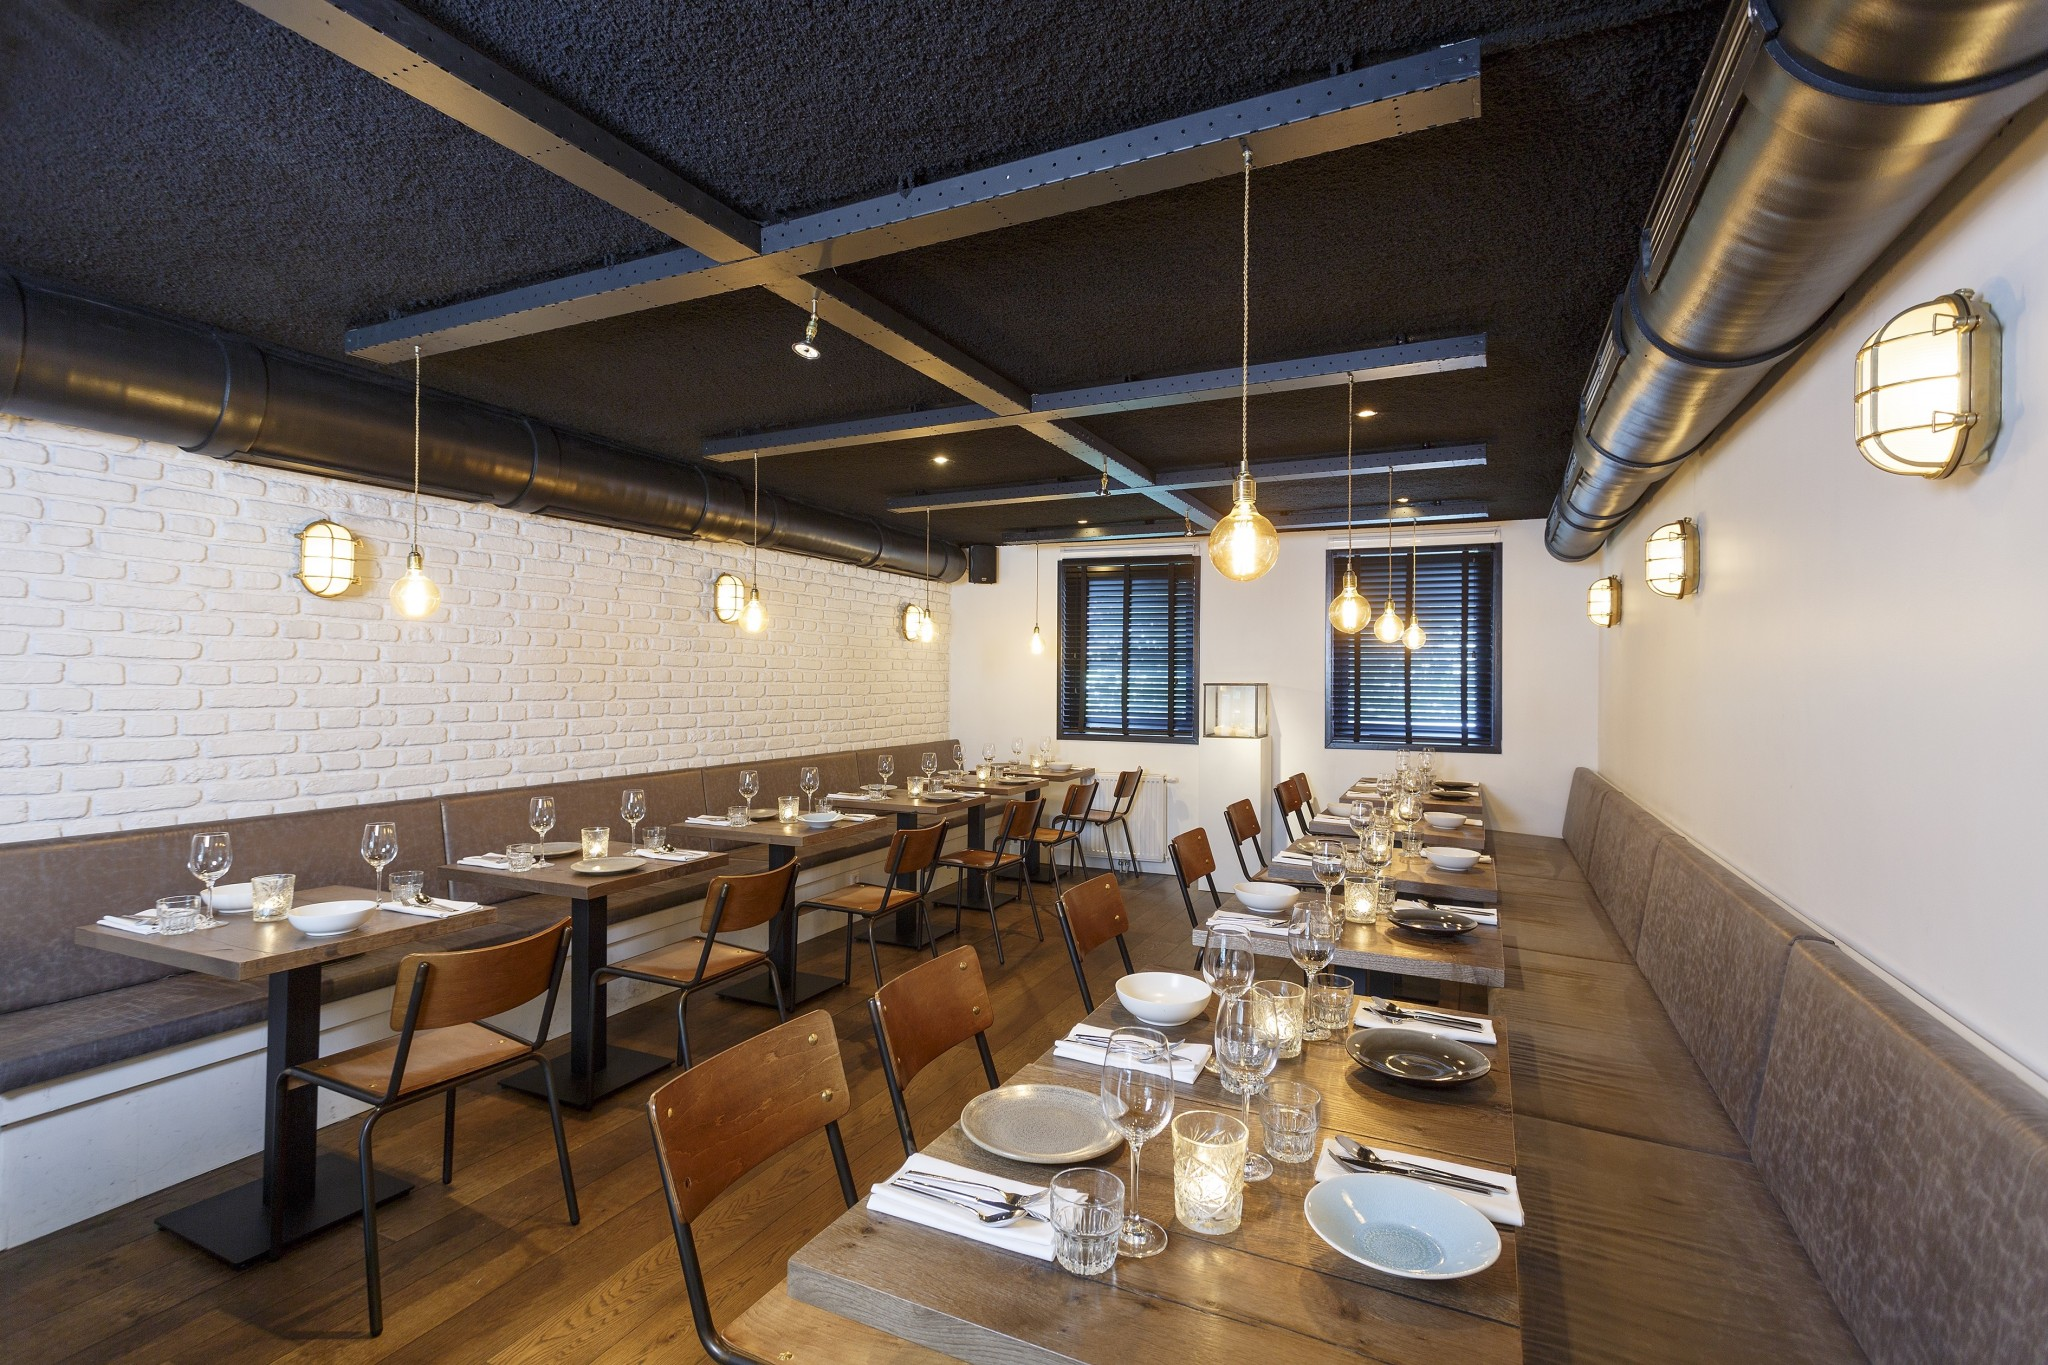 Restaurant guts glory u erik koijen interieurarchitectuur